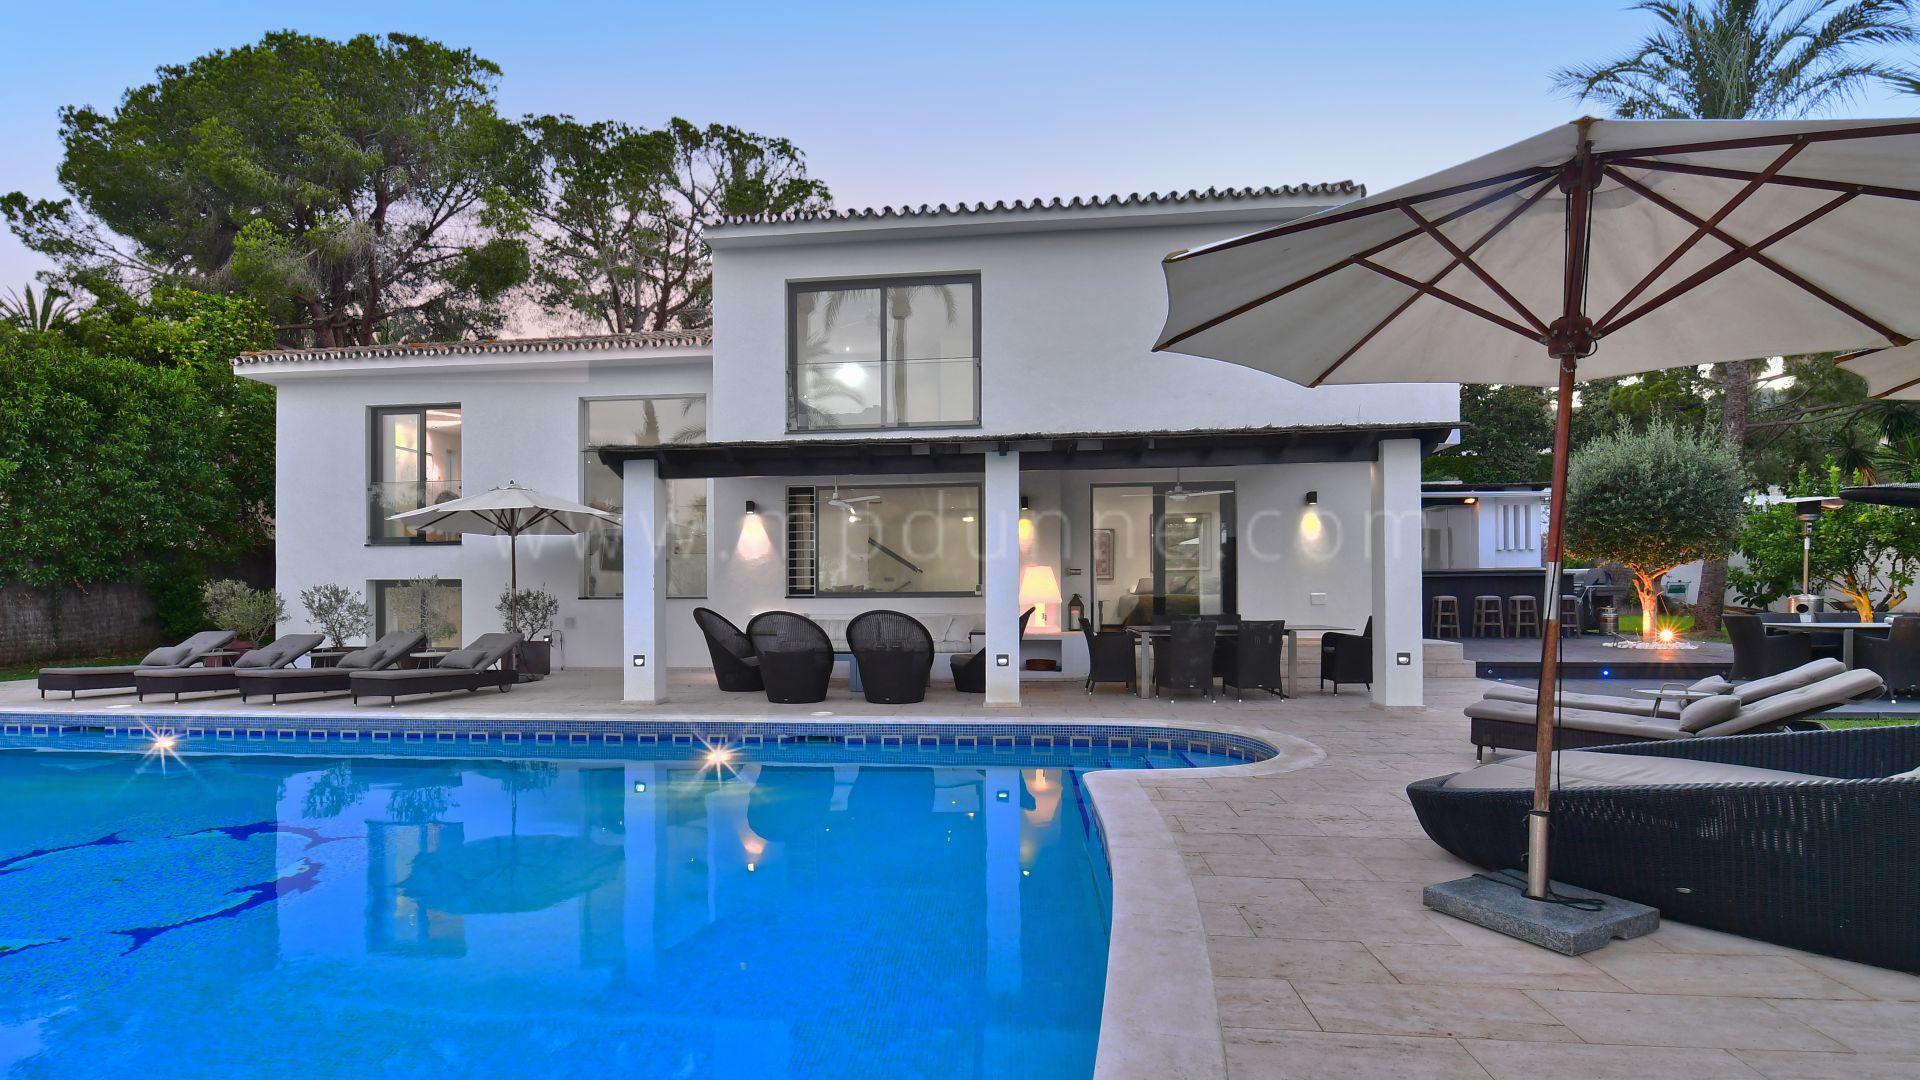 Nueva andaluc a 4 dormitorios villa en alquiler - La sala nueva andalucia ...